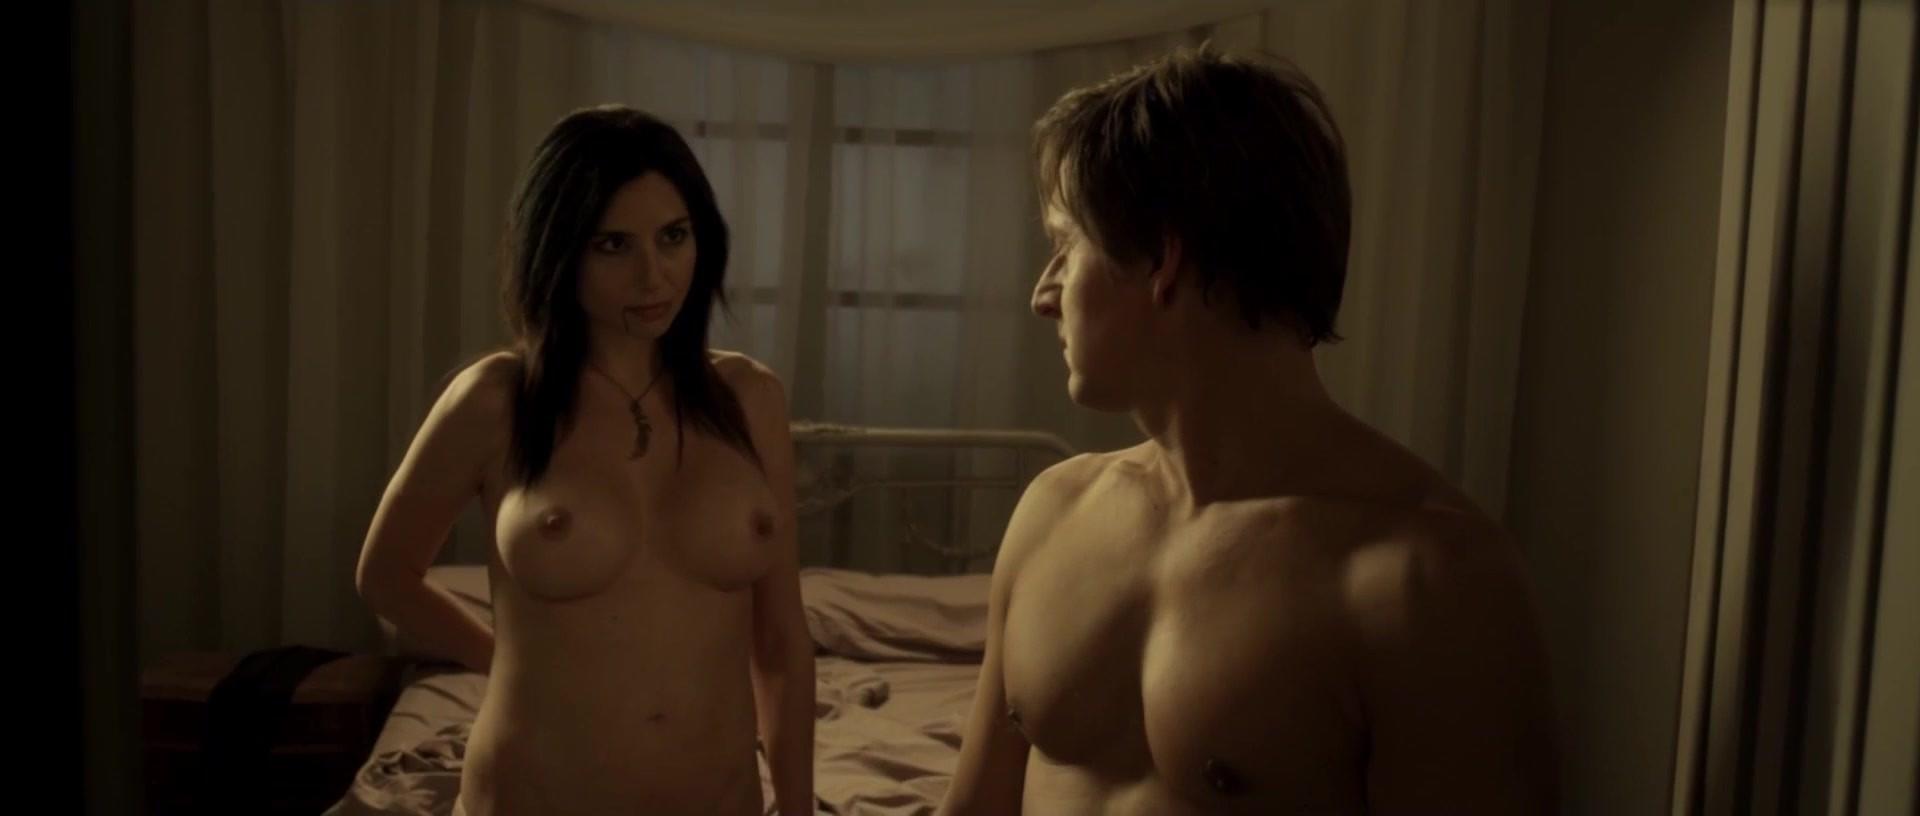 Actriz Porno Marta marta flich nue - photos et vidéos - imperiodefamosas